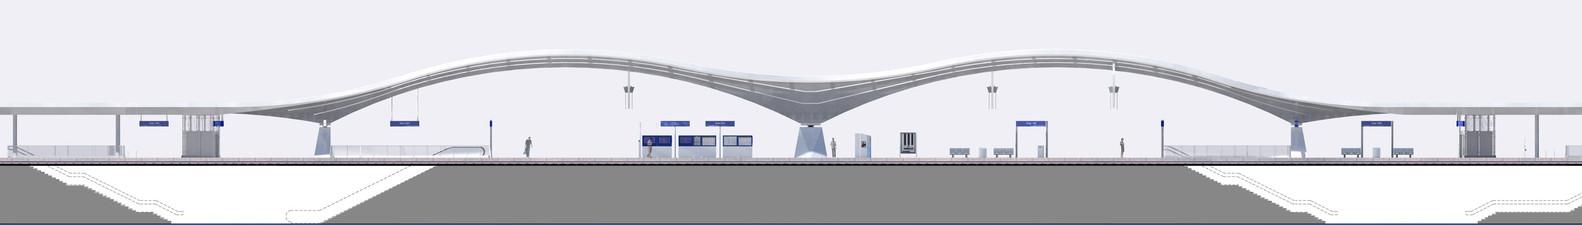 План-чертёж железнодорожного вокзала - Фото 3